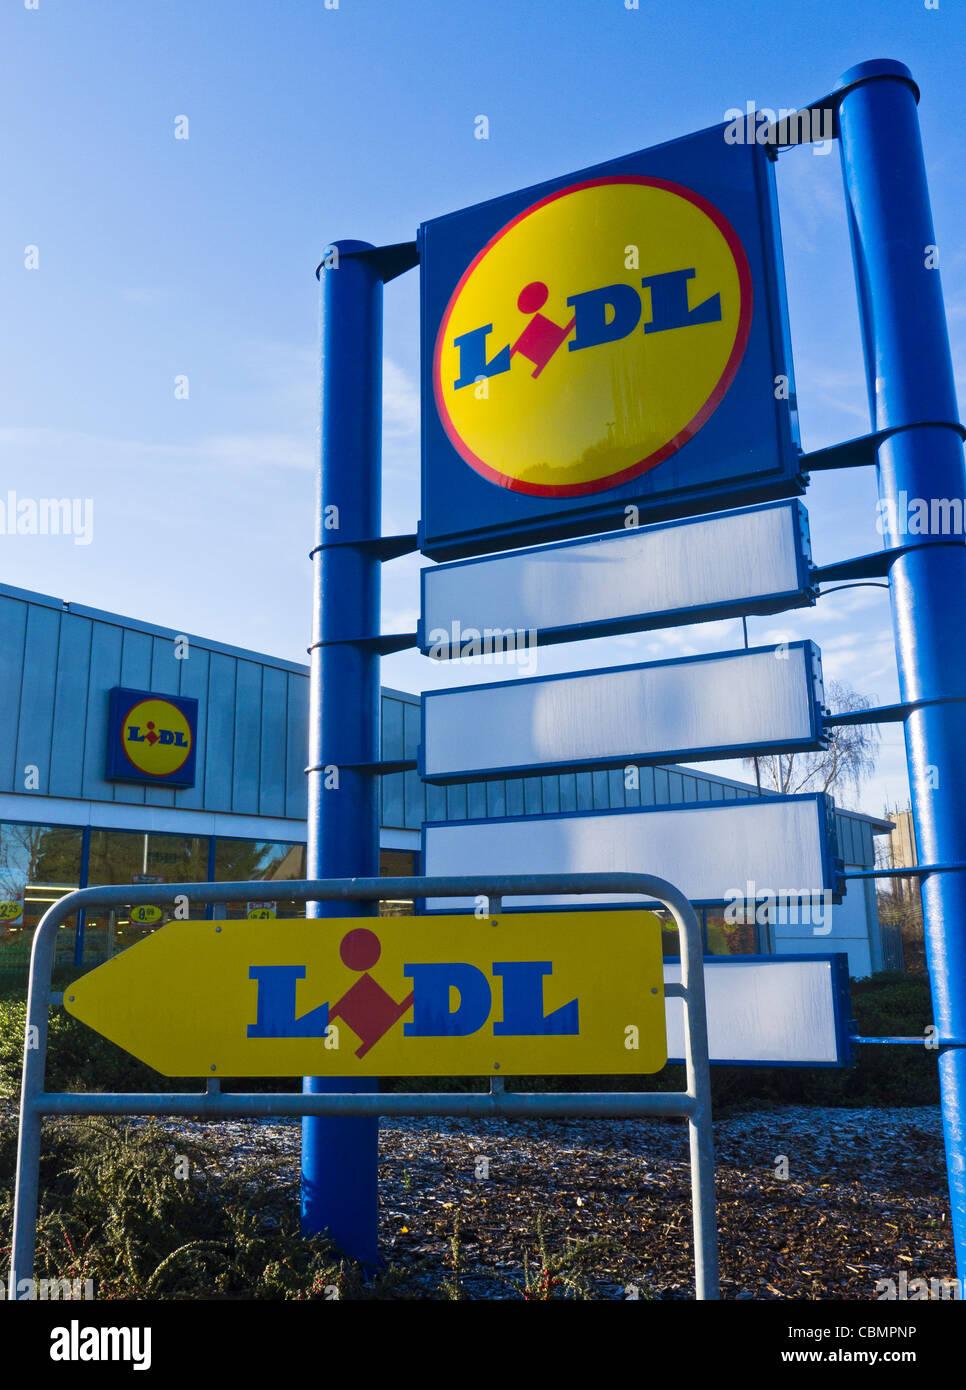 LIDL supermarket signs outside the store in Fakenham, Norfolk. - Stock Image